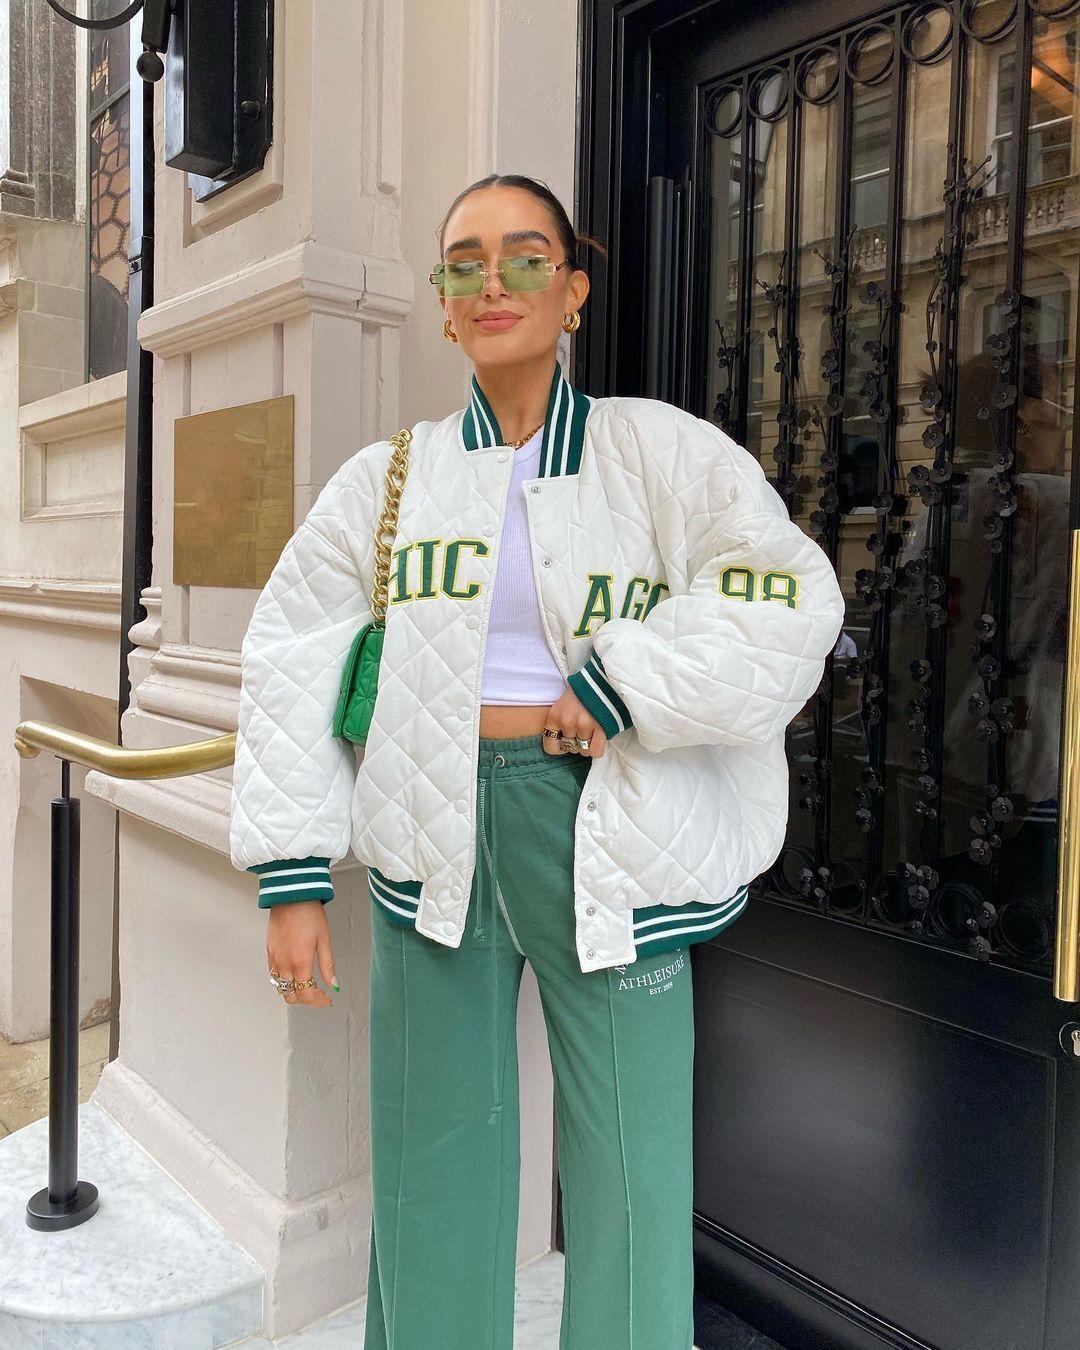 Трендове вбрання у зеленому кольорі